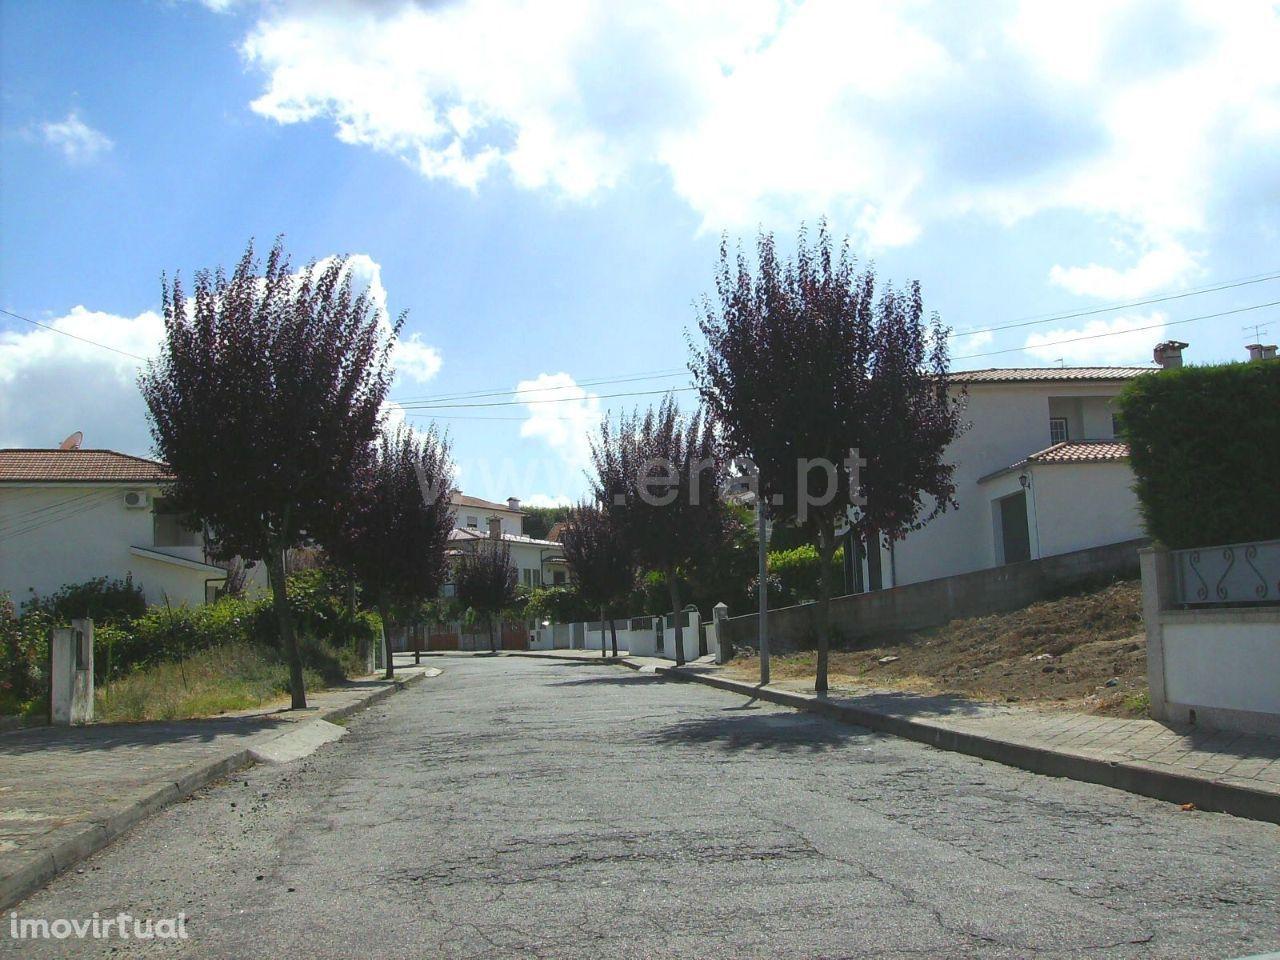 Terreno para comprar, Fafe, Braga - Foto 3